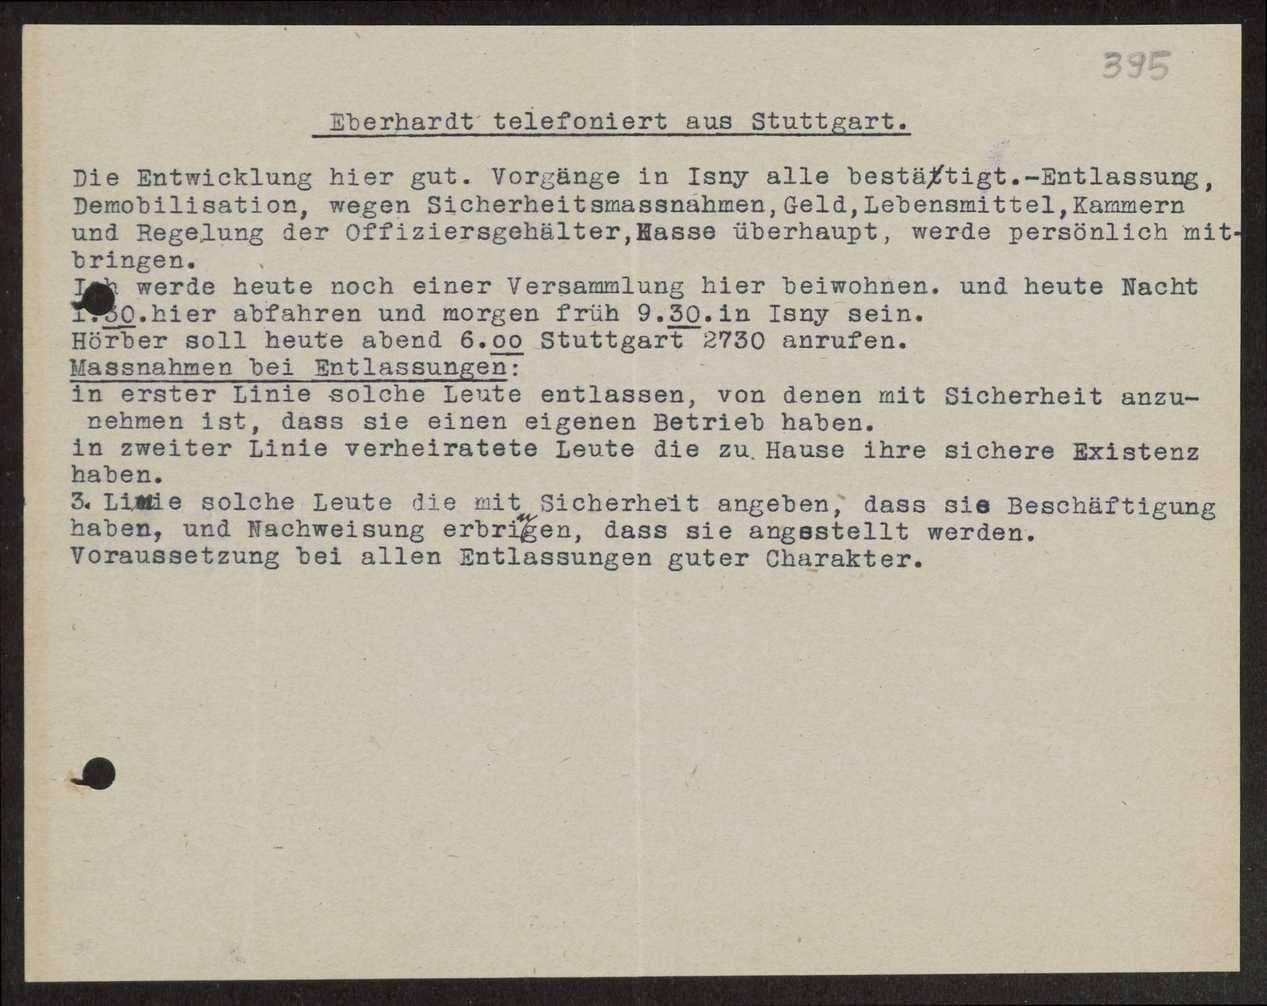 Allgemeine Bestimmungen über die Entlassung von Mannschaften des Gebirgsregiments, Bild 1